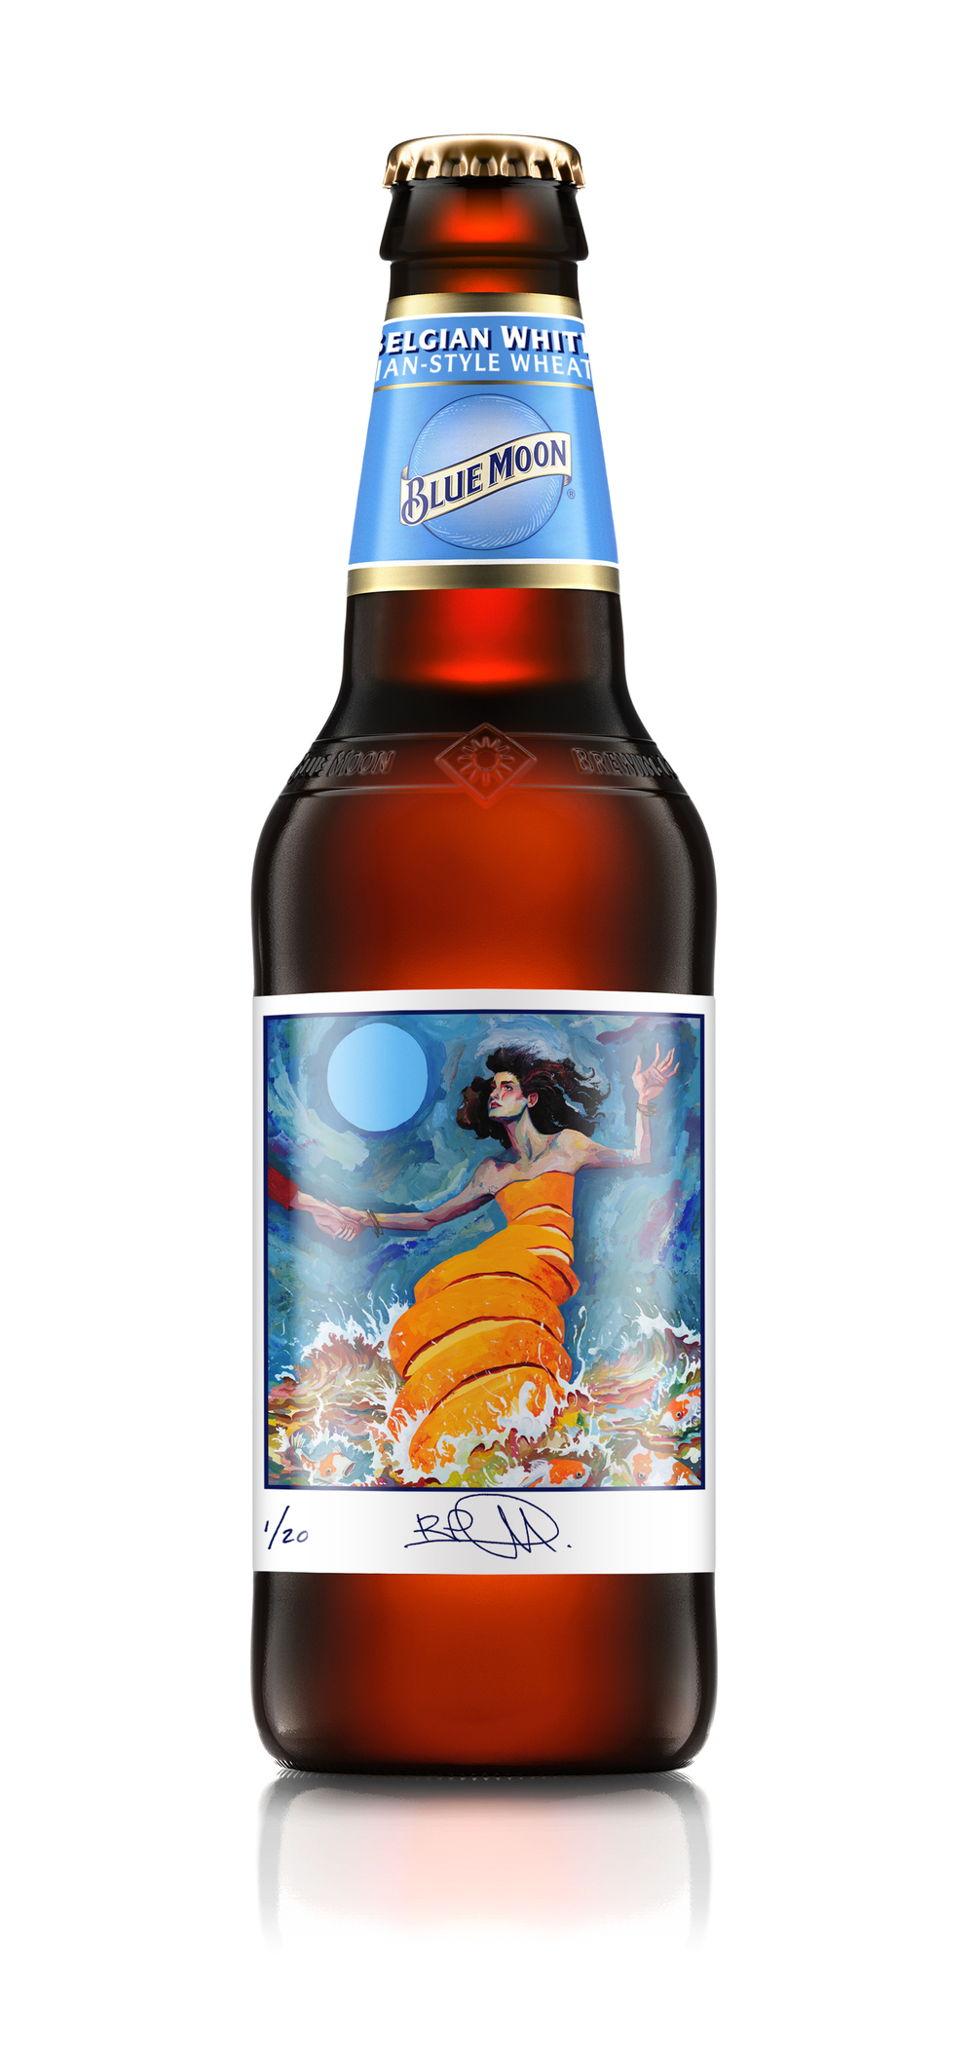 BMO-195A_Bottle_12z_Render_RichPellegrino_150401_FJ.jpg